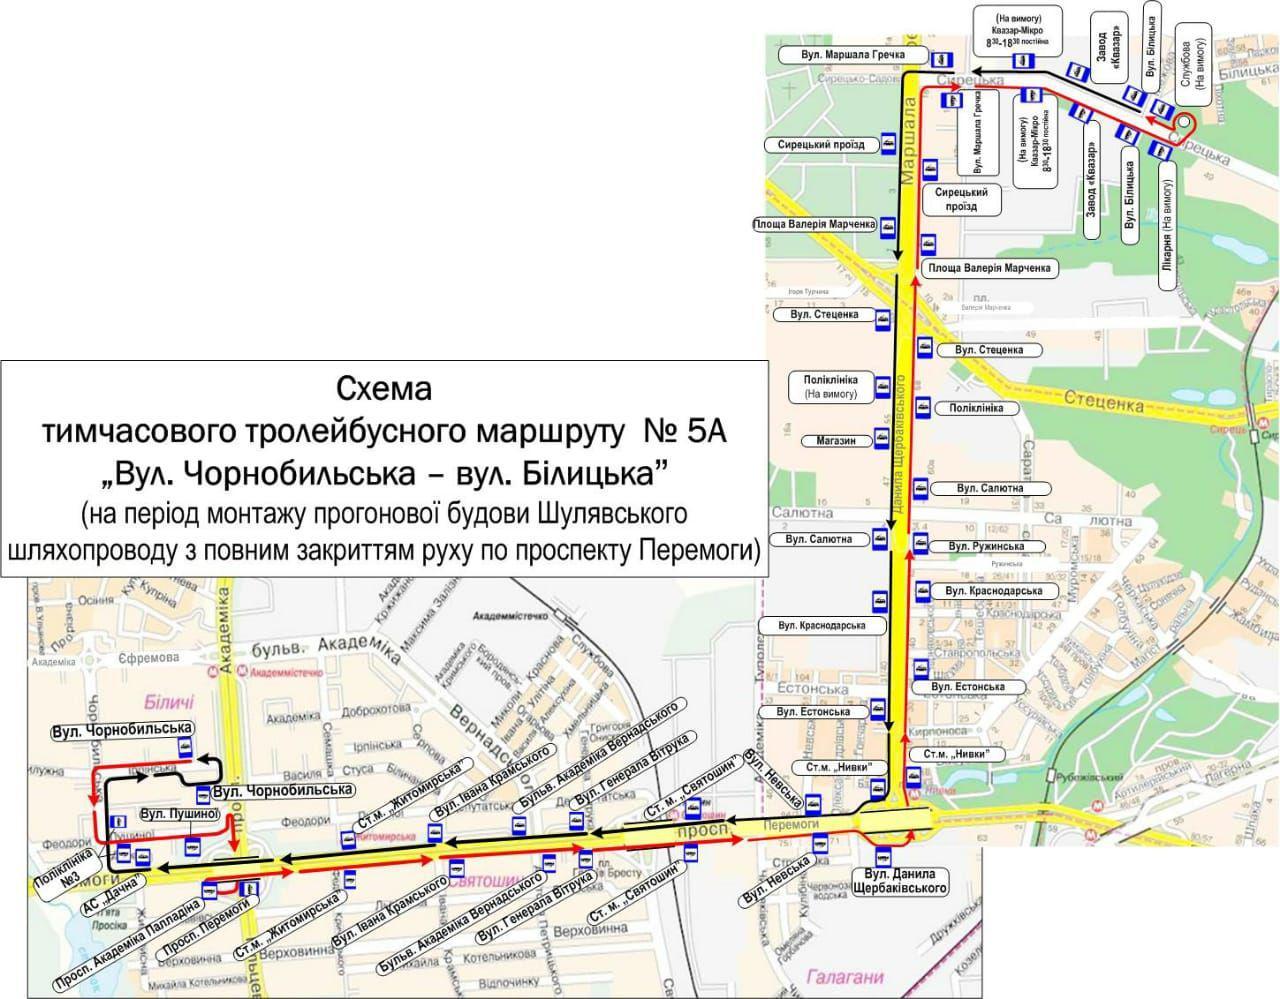 В Киеве на проспекте Победы полностью ограничат движение на 2 дня